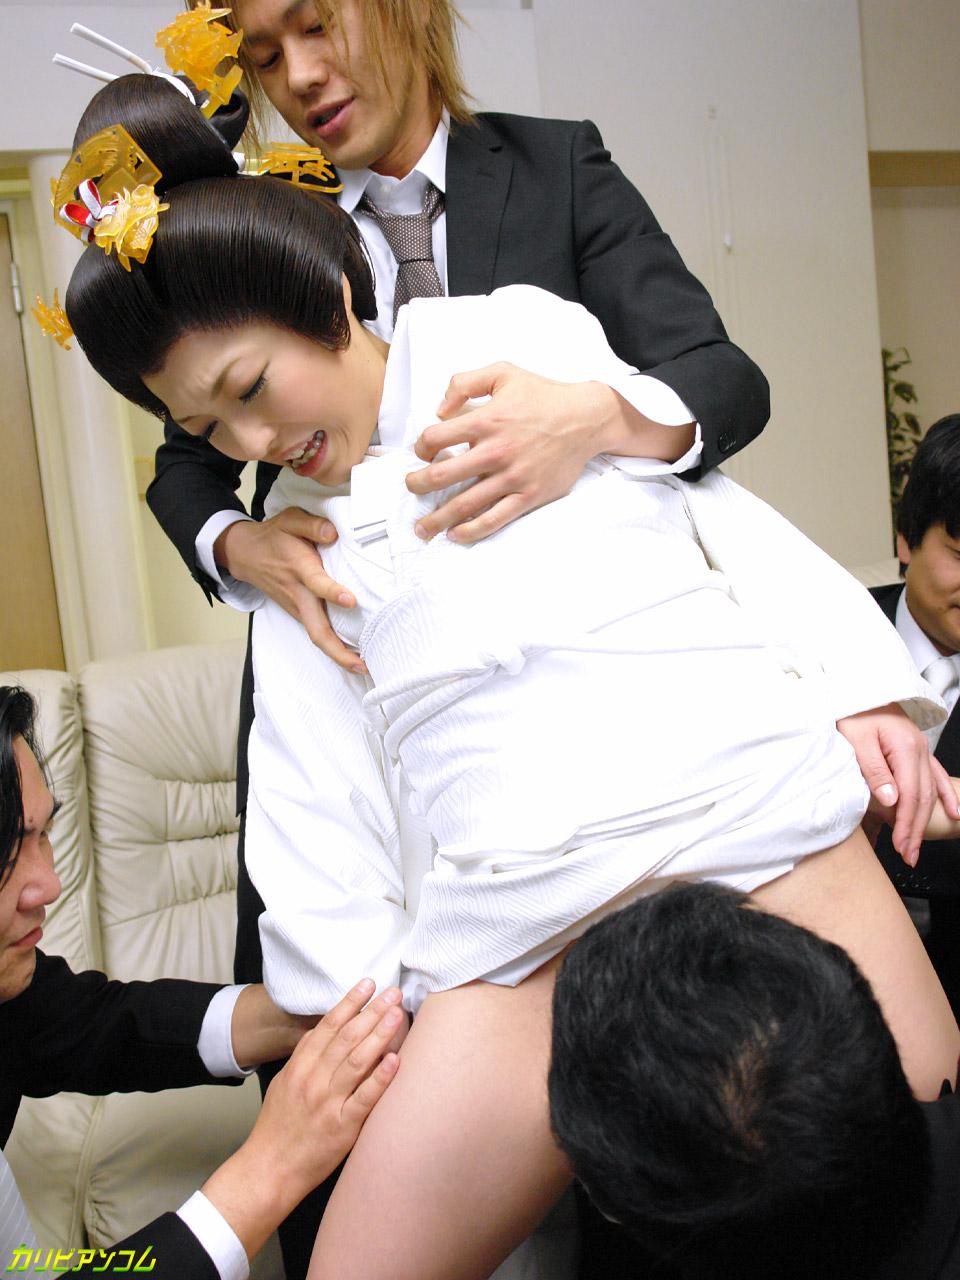 禁じられた関係9・後編 青山雪菜 (彩名ゆい)